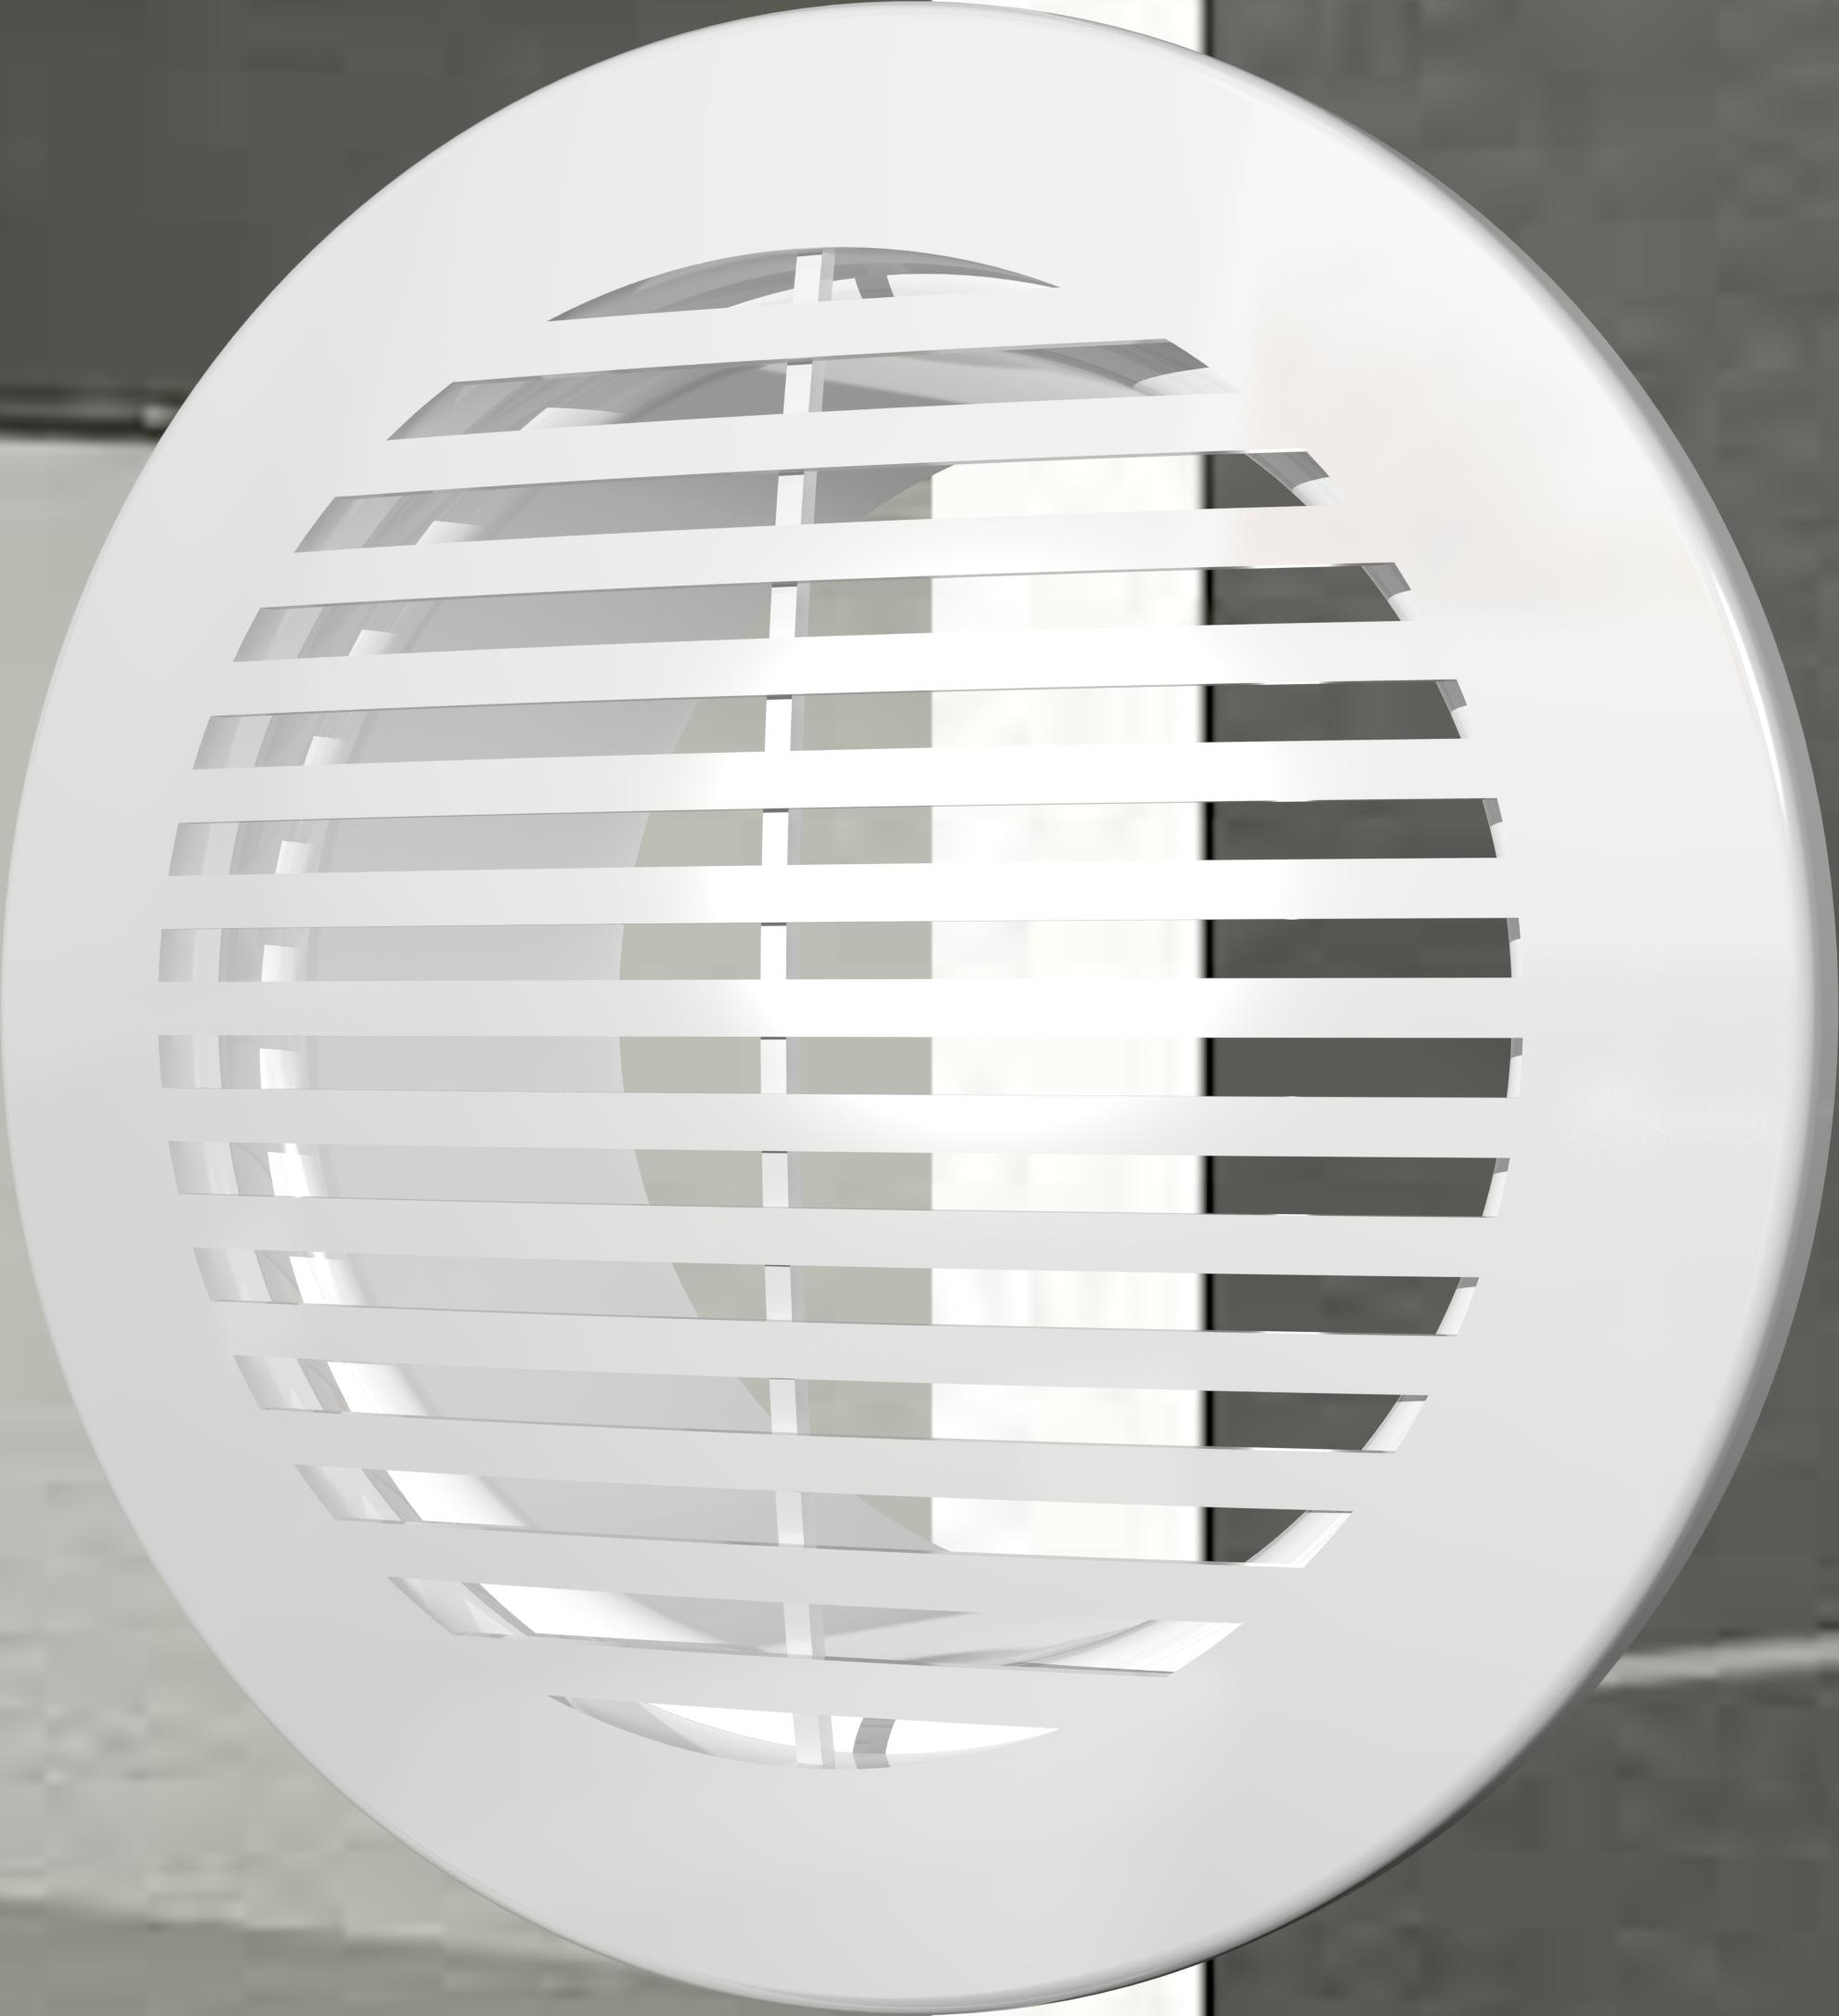 разнообразить пластиковые круглые потолочные вентрешетки фото внутренний дворик